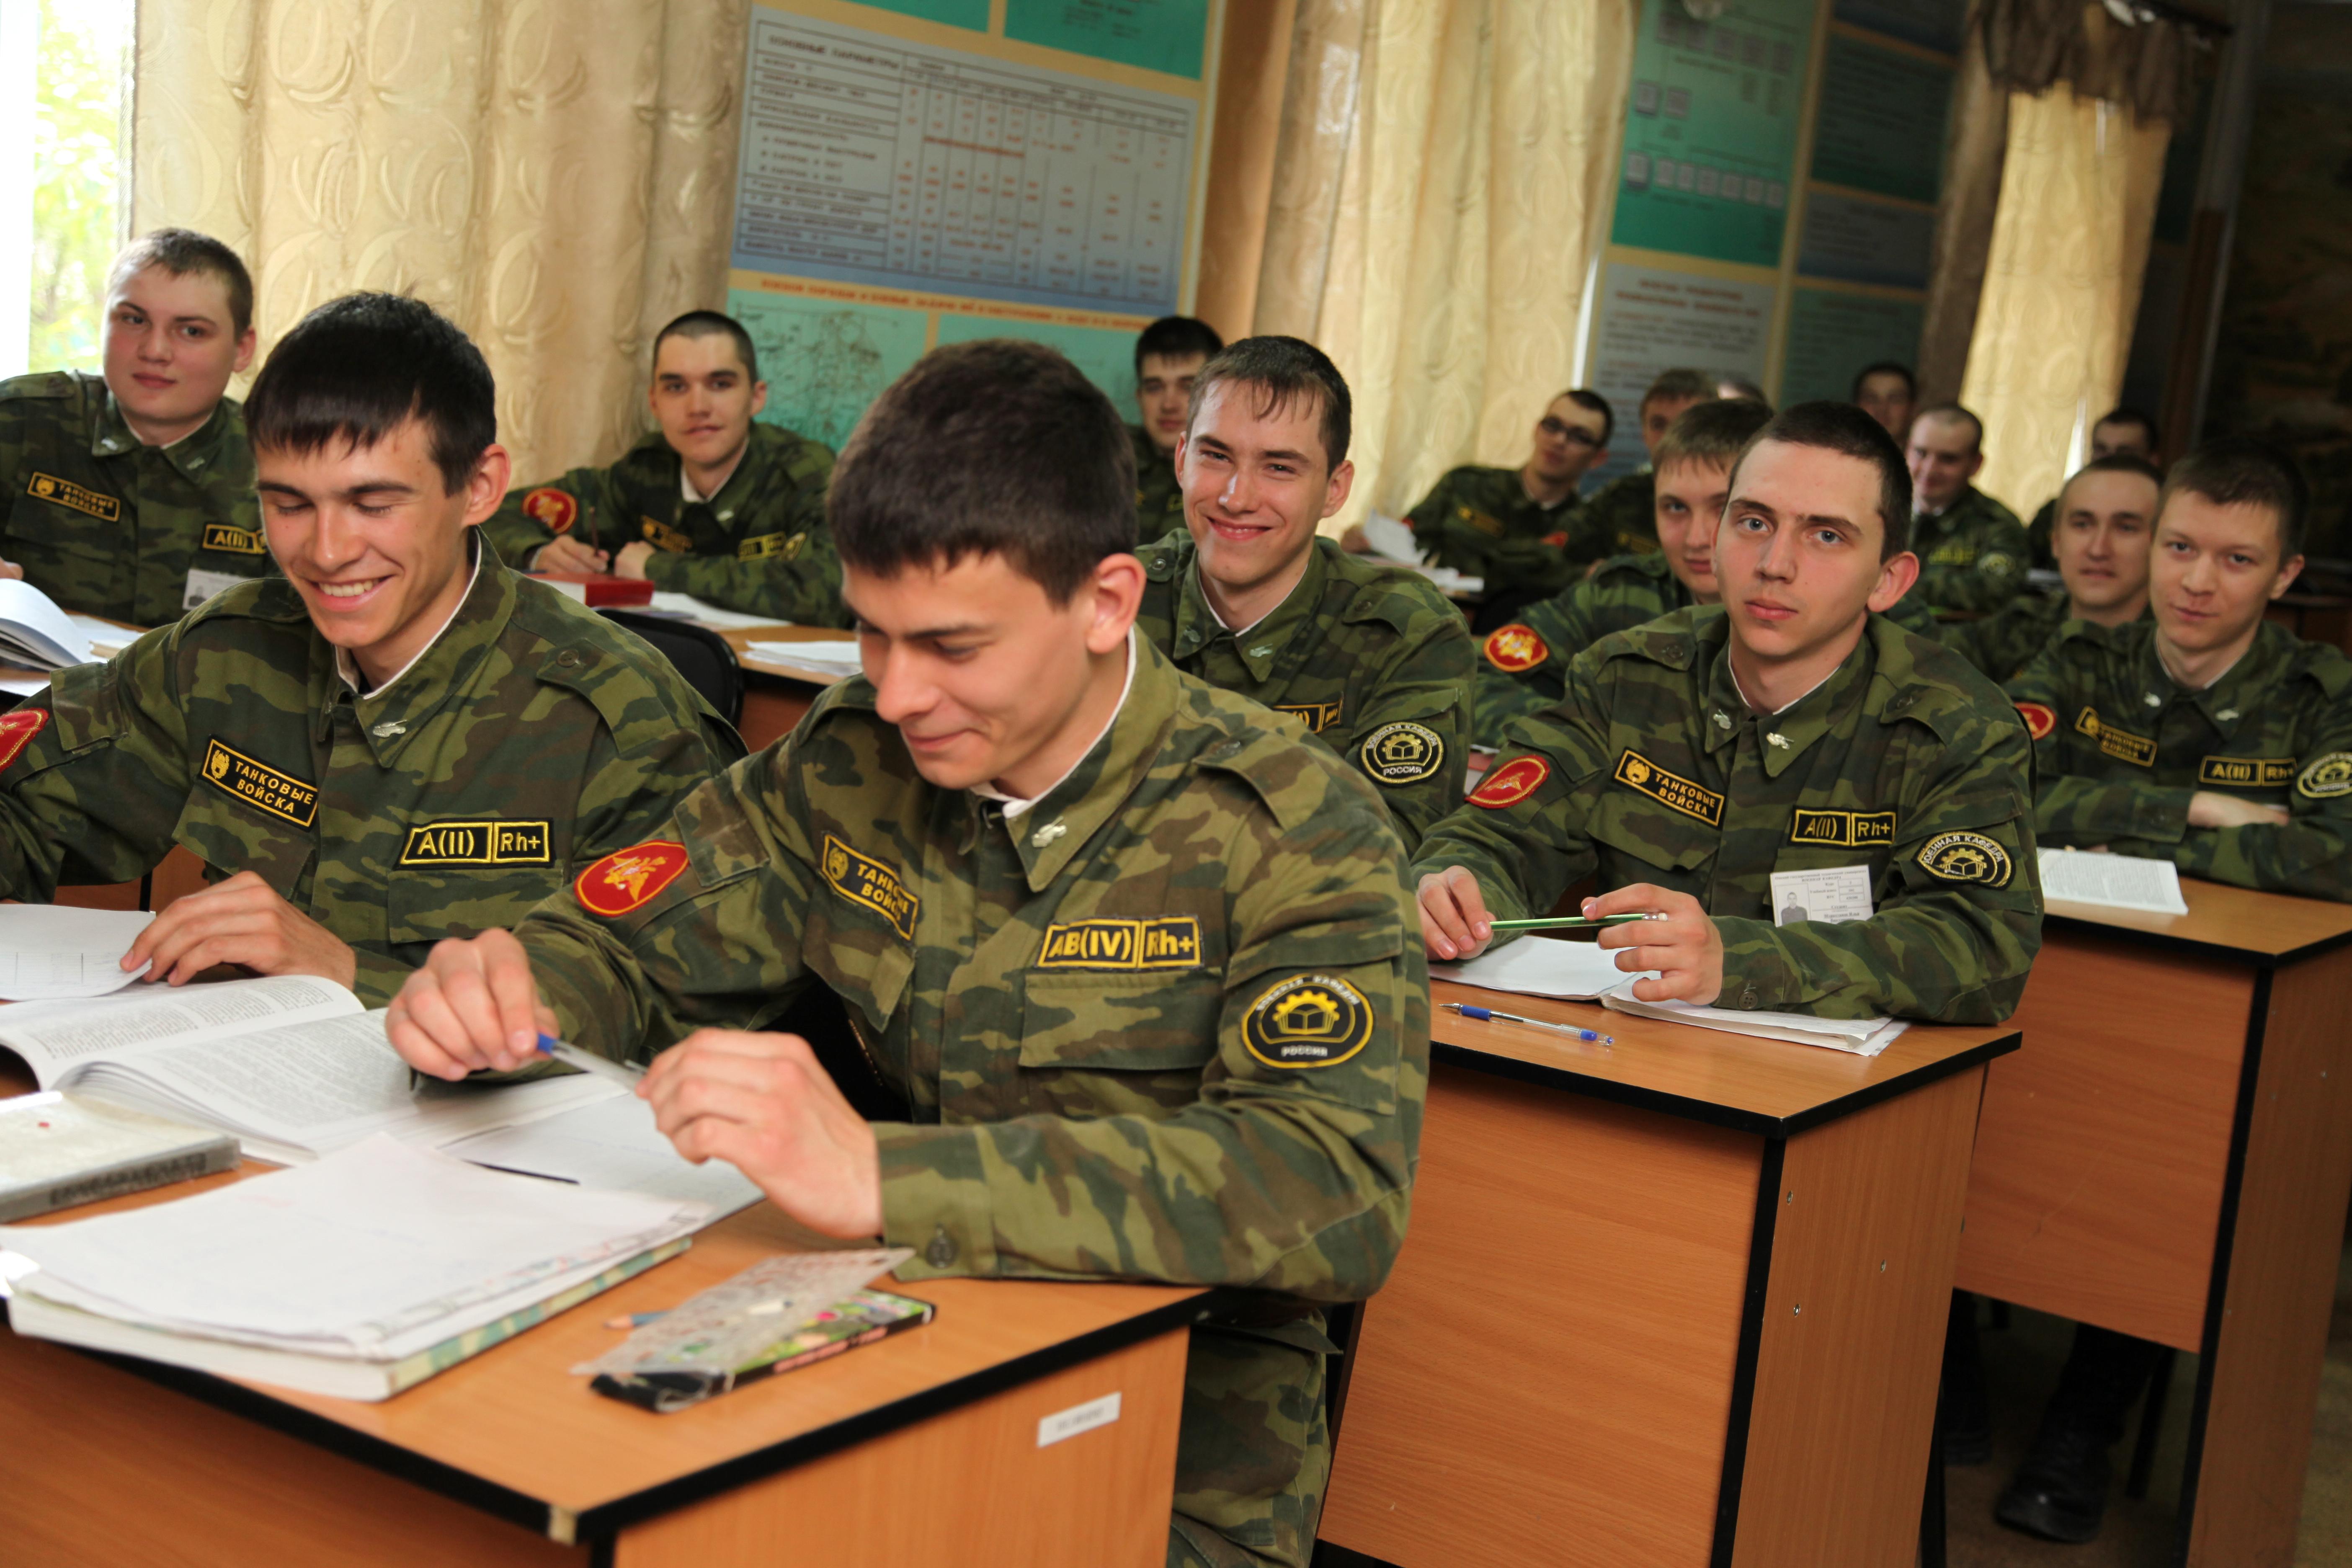 Тимирязевский институт льготы при поступлении после службы в армии 6 фотография